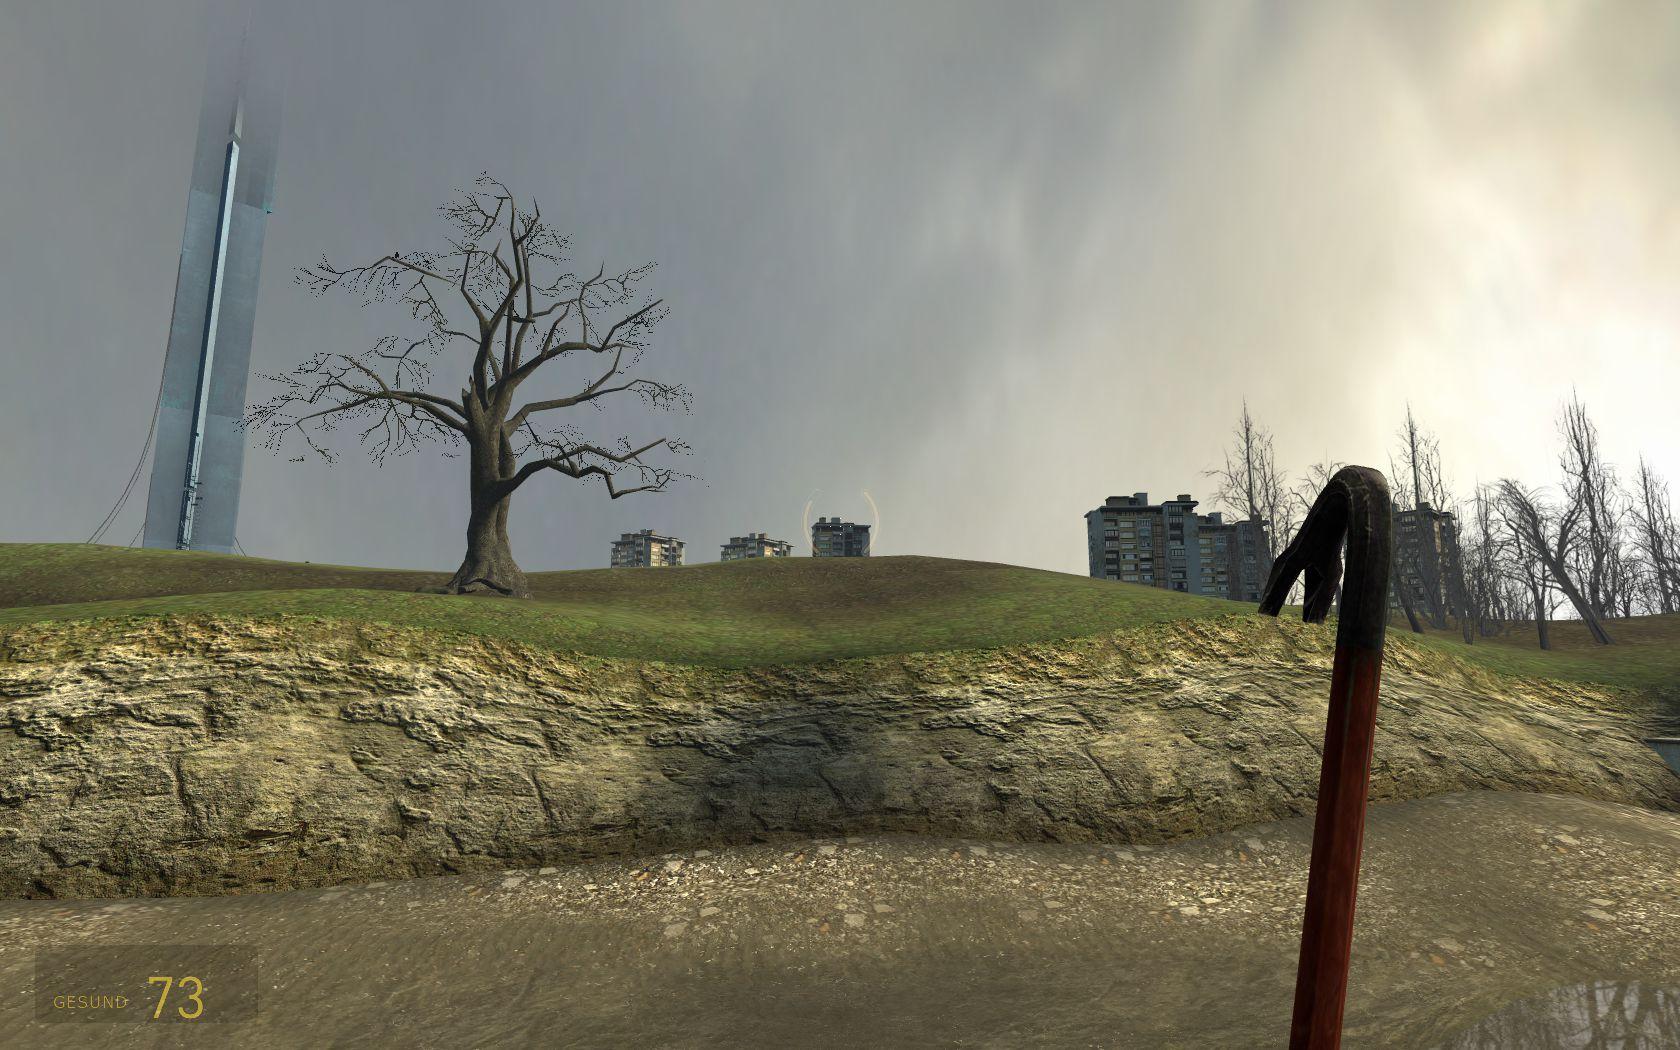 Die Kanal-Route verdeutlicht, wie eng Natur und Urbanität in Half-Life 2 miteinander verflochten sind. Hinten links ist die Zitadelle zu sehen. (Bild: André Eymann)